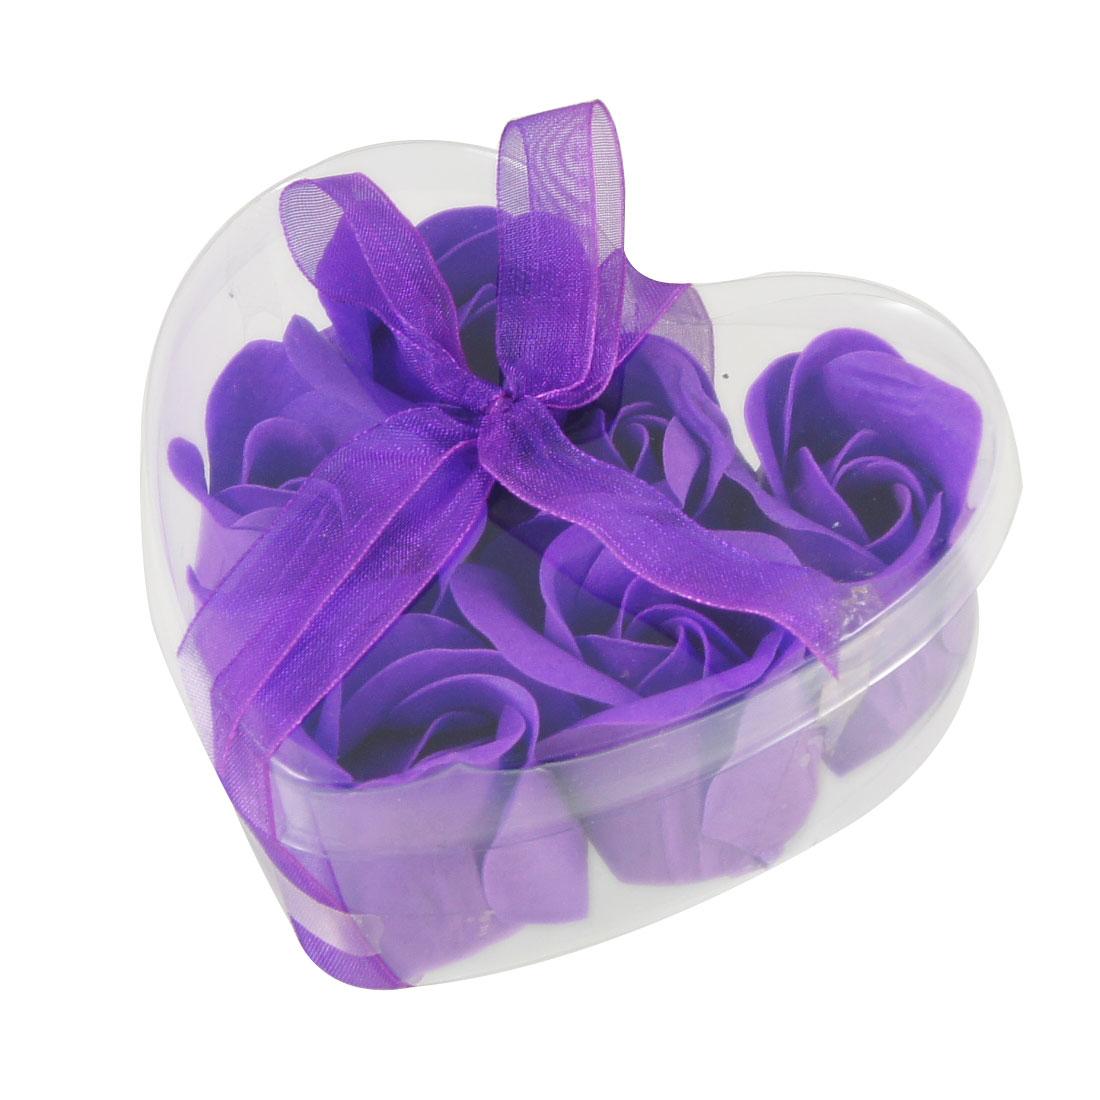 Purple Artificial Fragrant Bath Soap Rose Petals 6 Pcs w Heart Box